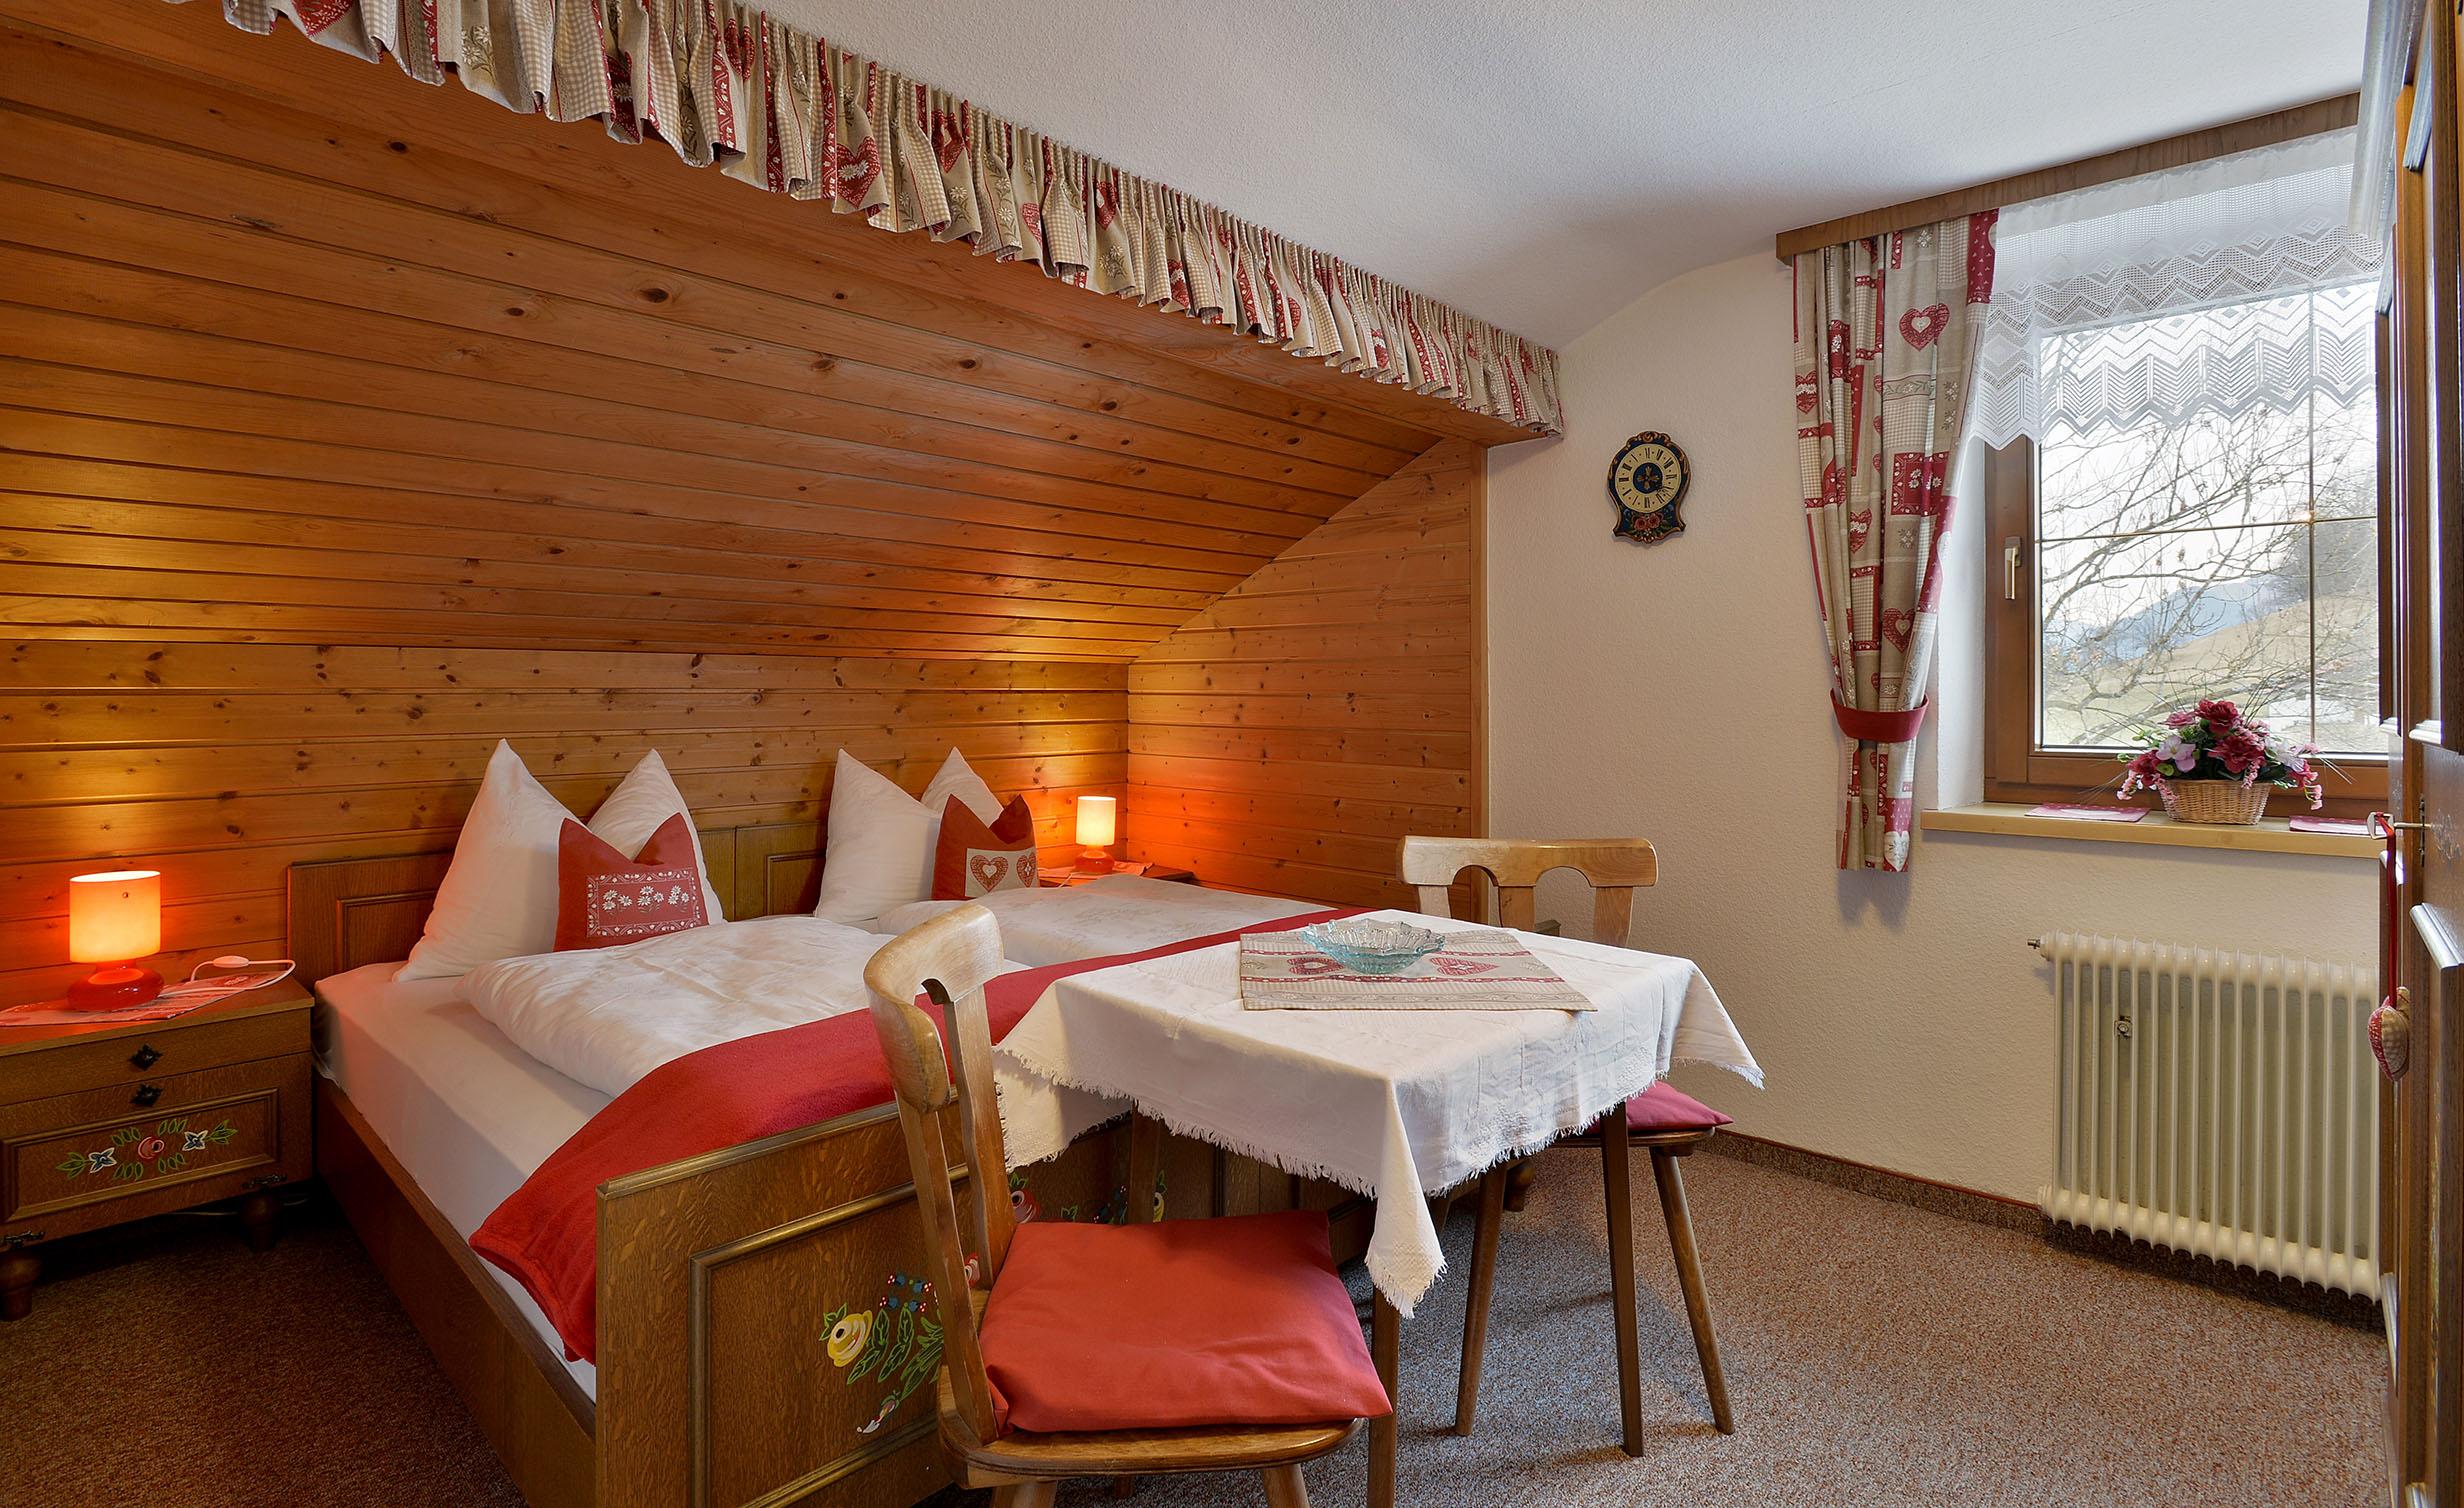 Gaestehaus-Planer-Schwendt-Schlecht-1-Barbara-Planer-Appartement-Schlafzimmer